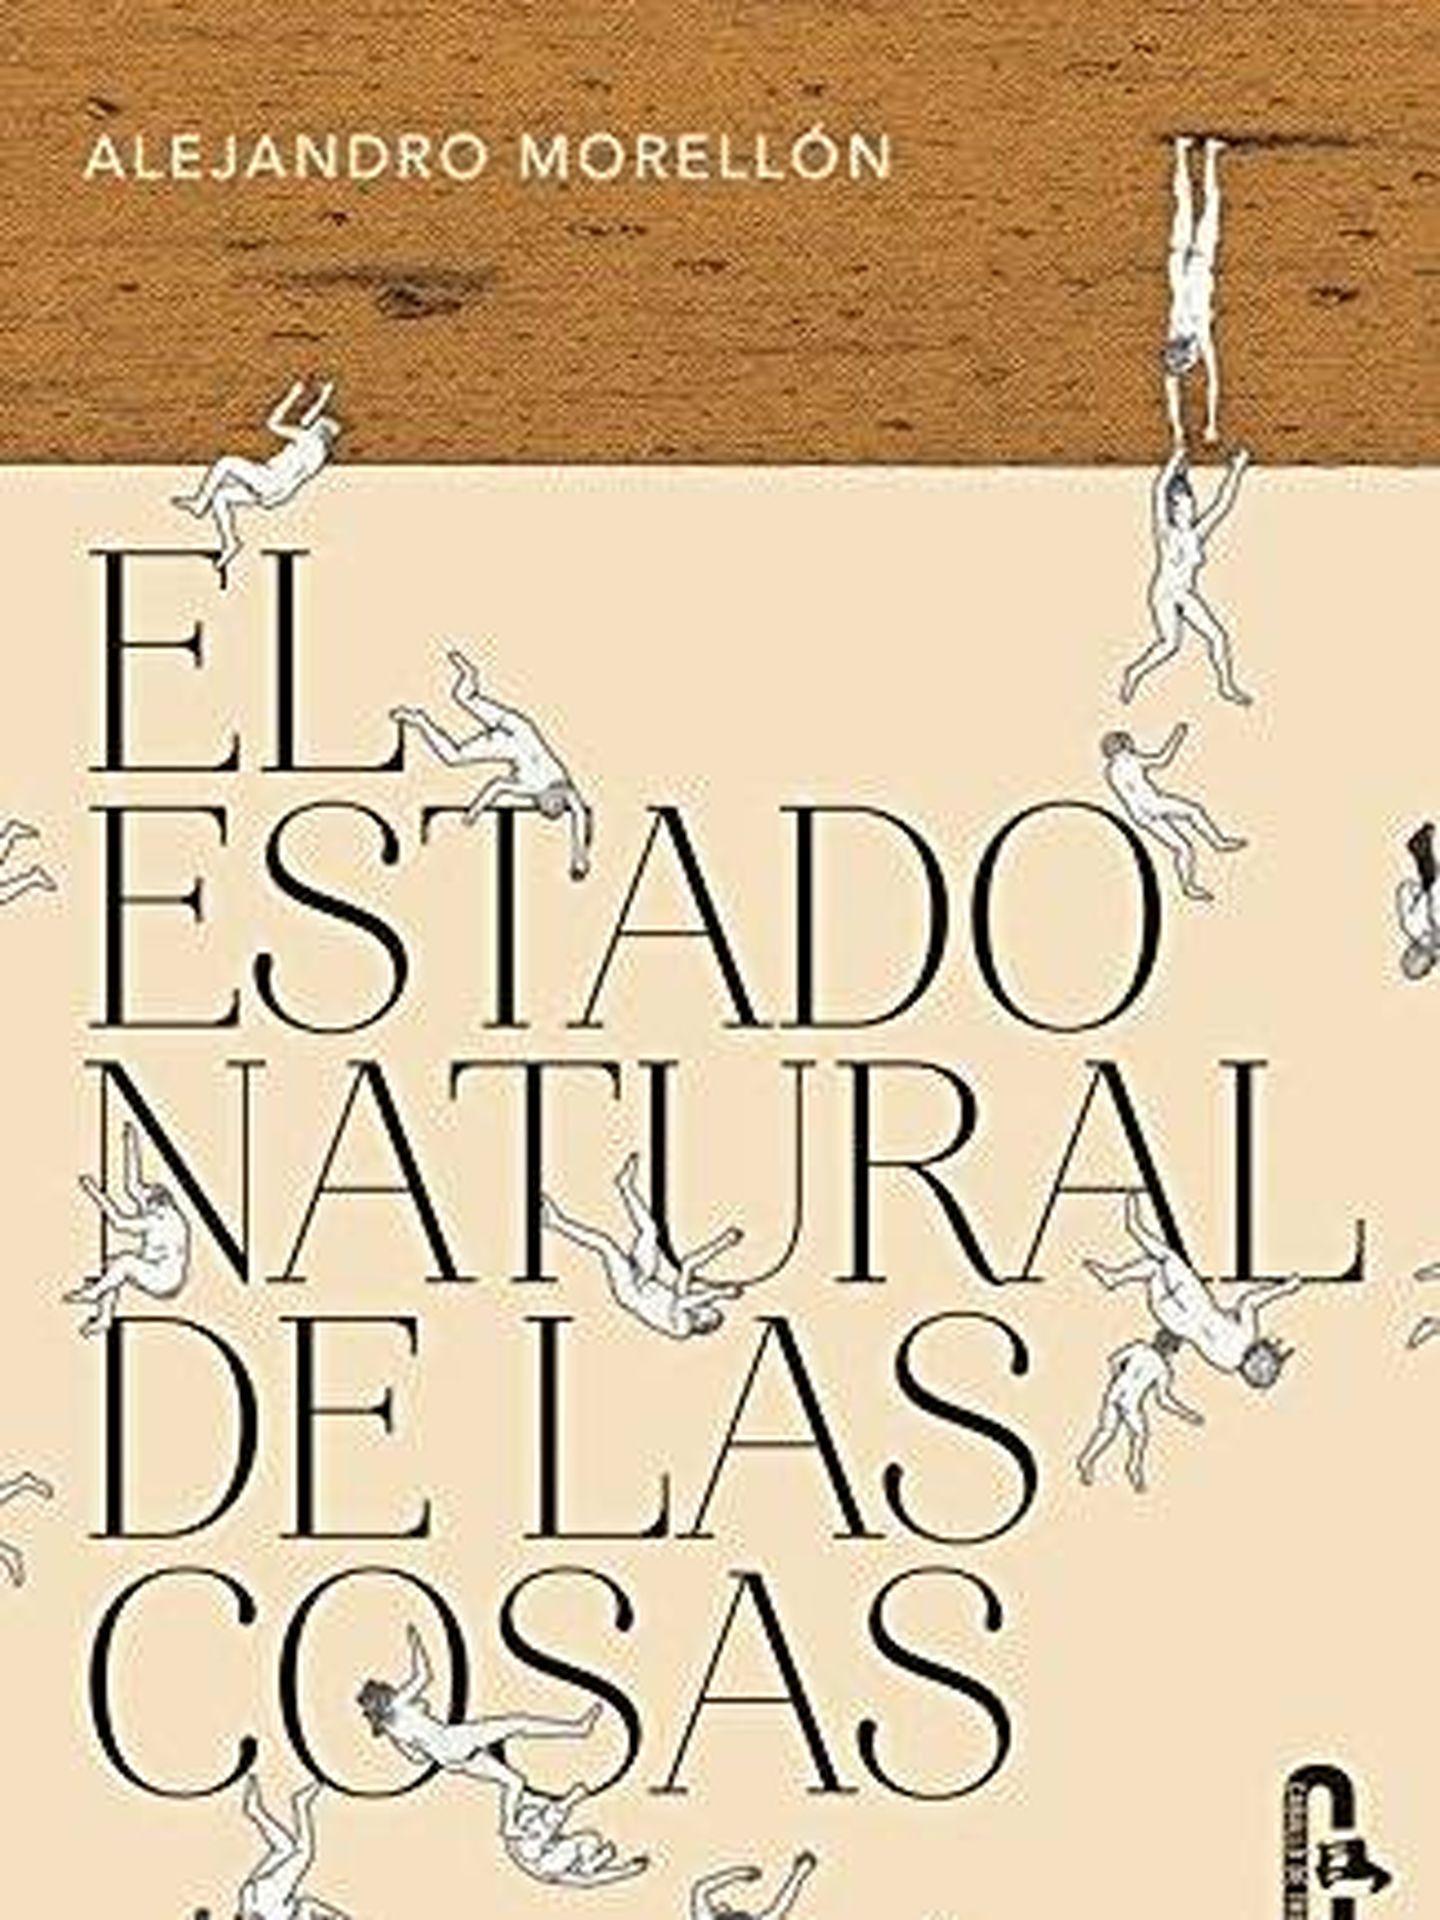 'El estado natural de las cosas'. (Caballo de Troya)